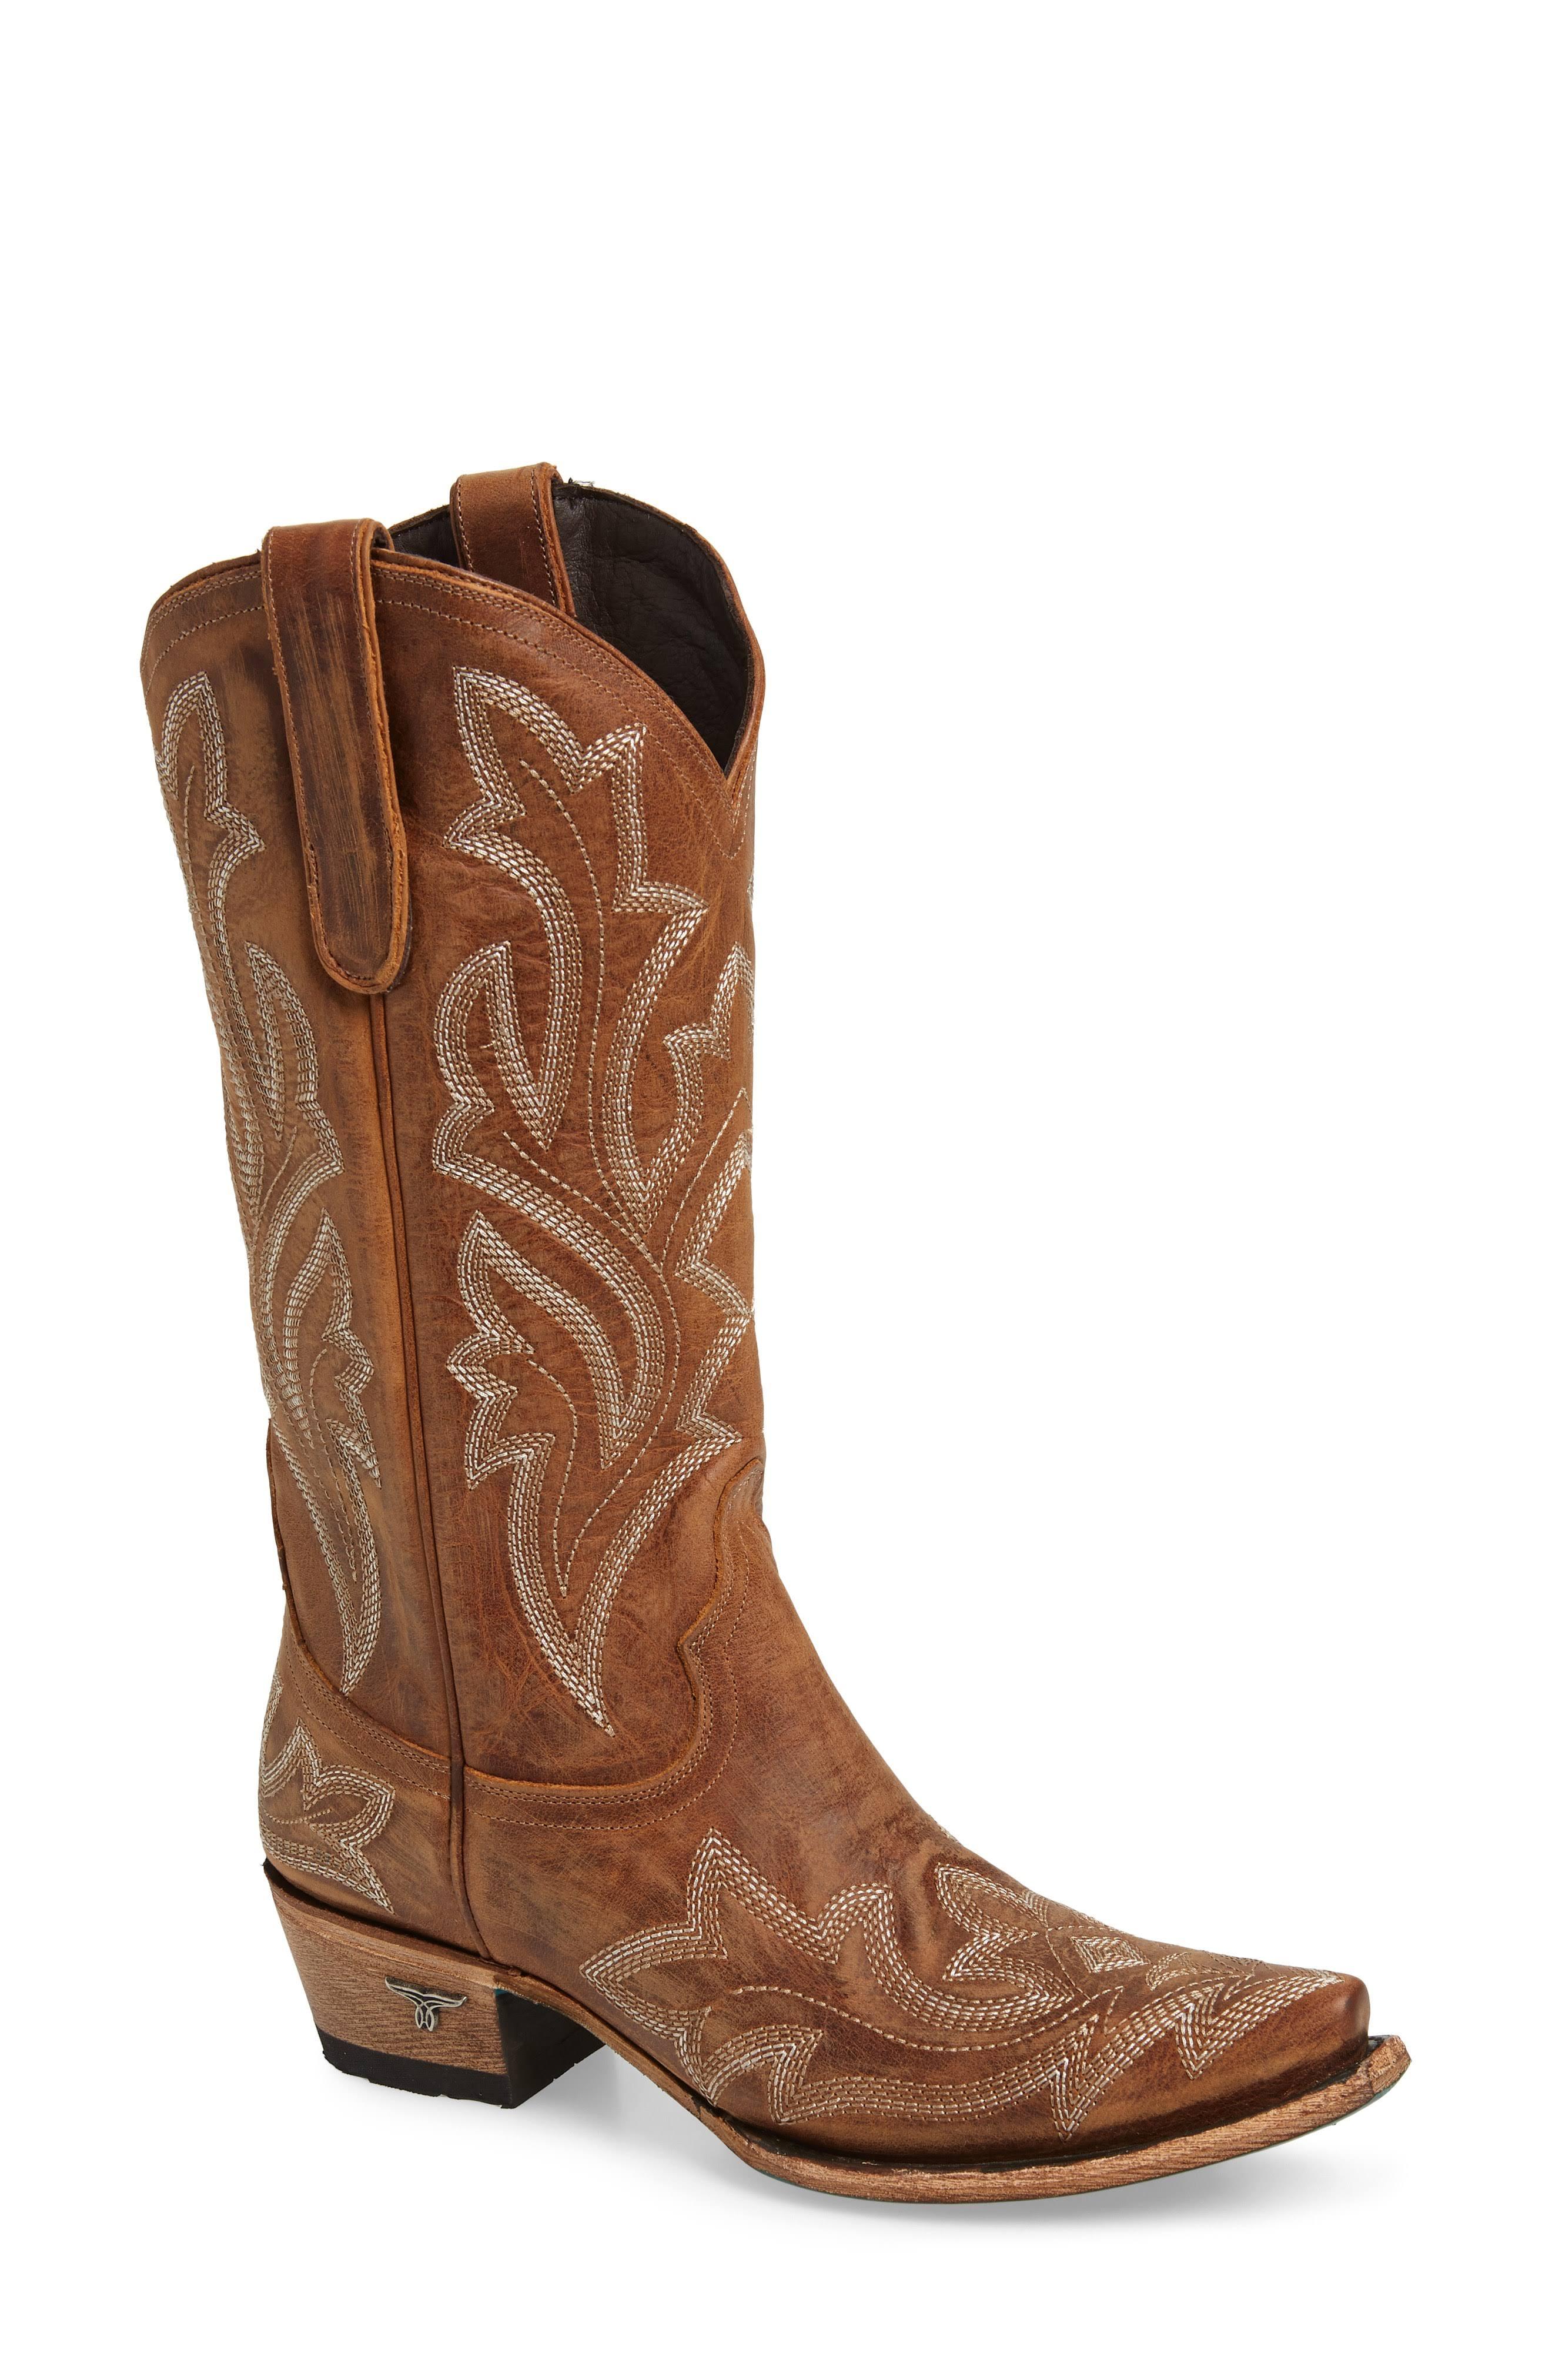 0b Lane Boot Lb0389a 11 Saratoga Tan b6g7yf